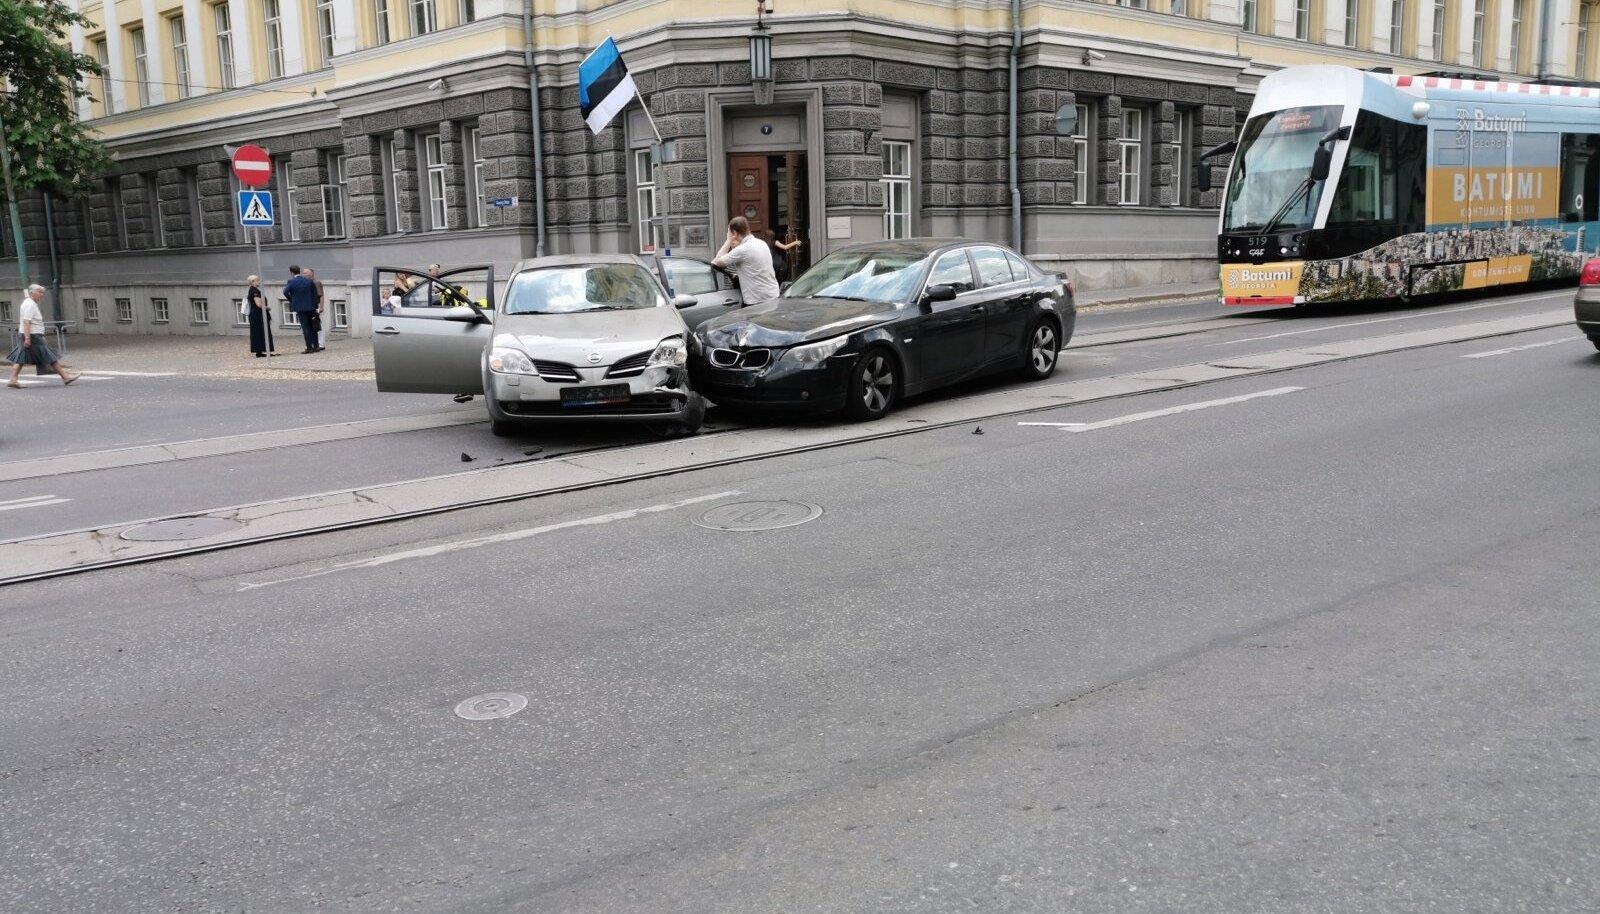 Illustratiivsel eesmärgil: liiklusõnnetus Tallinna kesklinnas Pärnu maantee ja Georg Otsa ristmikul